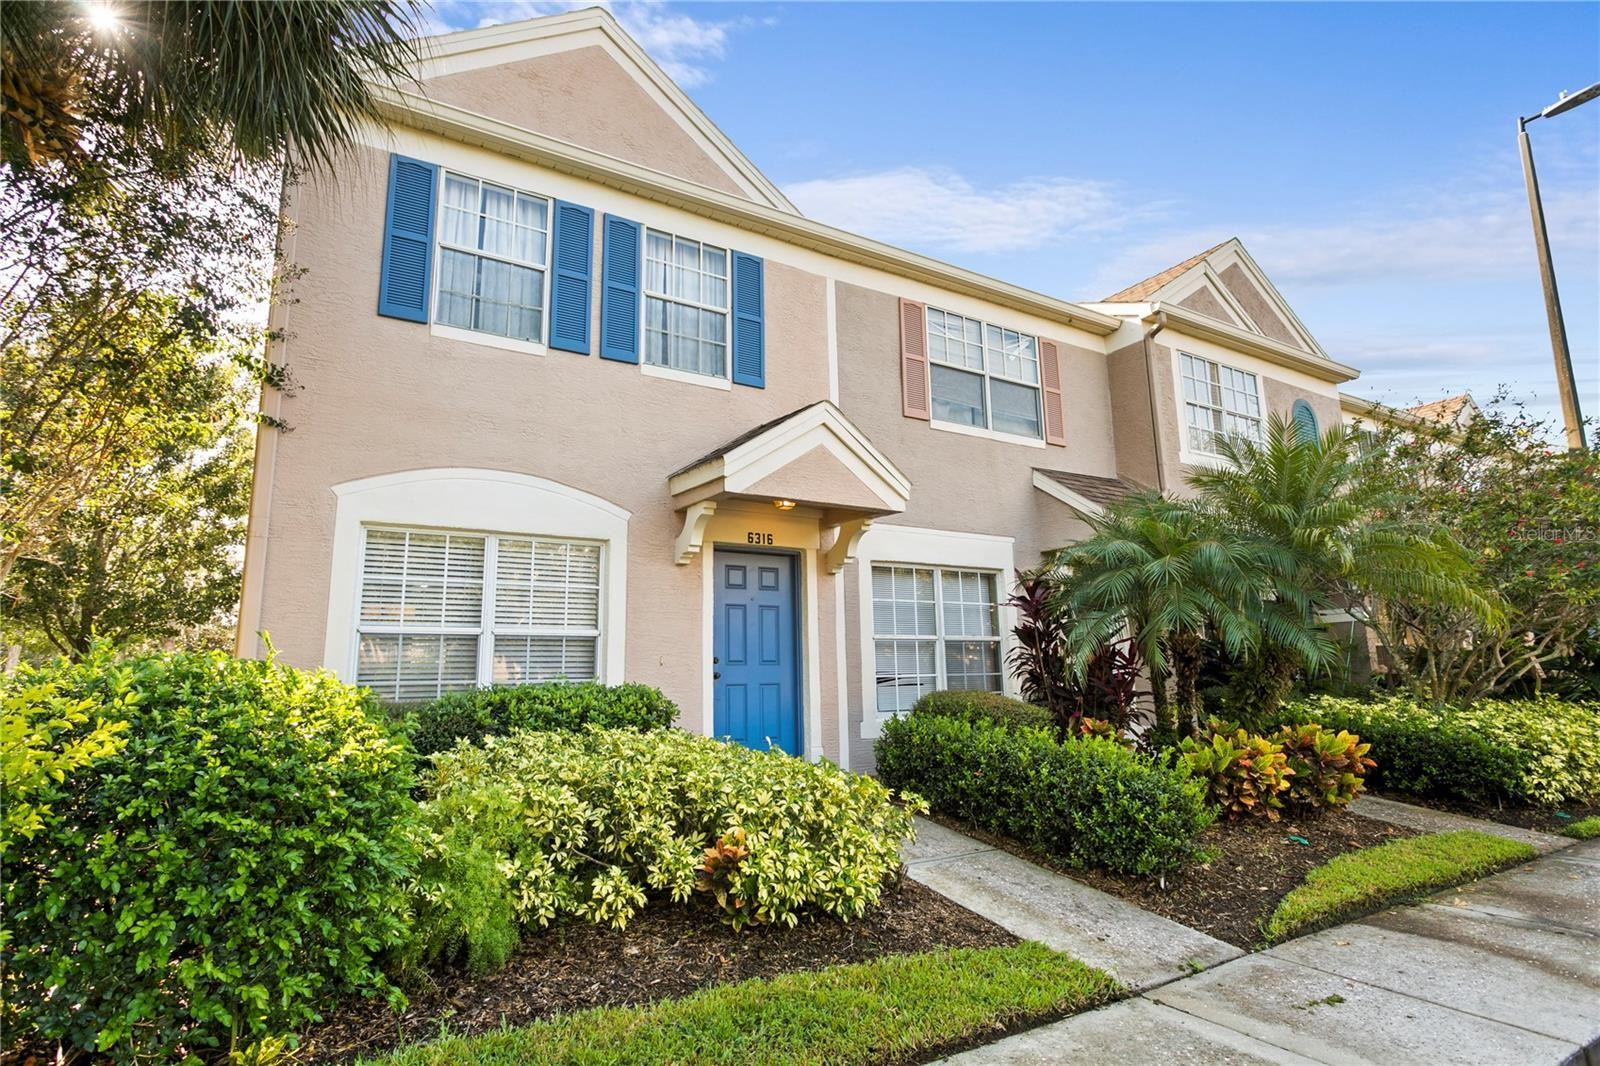 6316 BAYSIDE KEY DRIVE, Tampa, FL 33615 - MLS#: U8138686